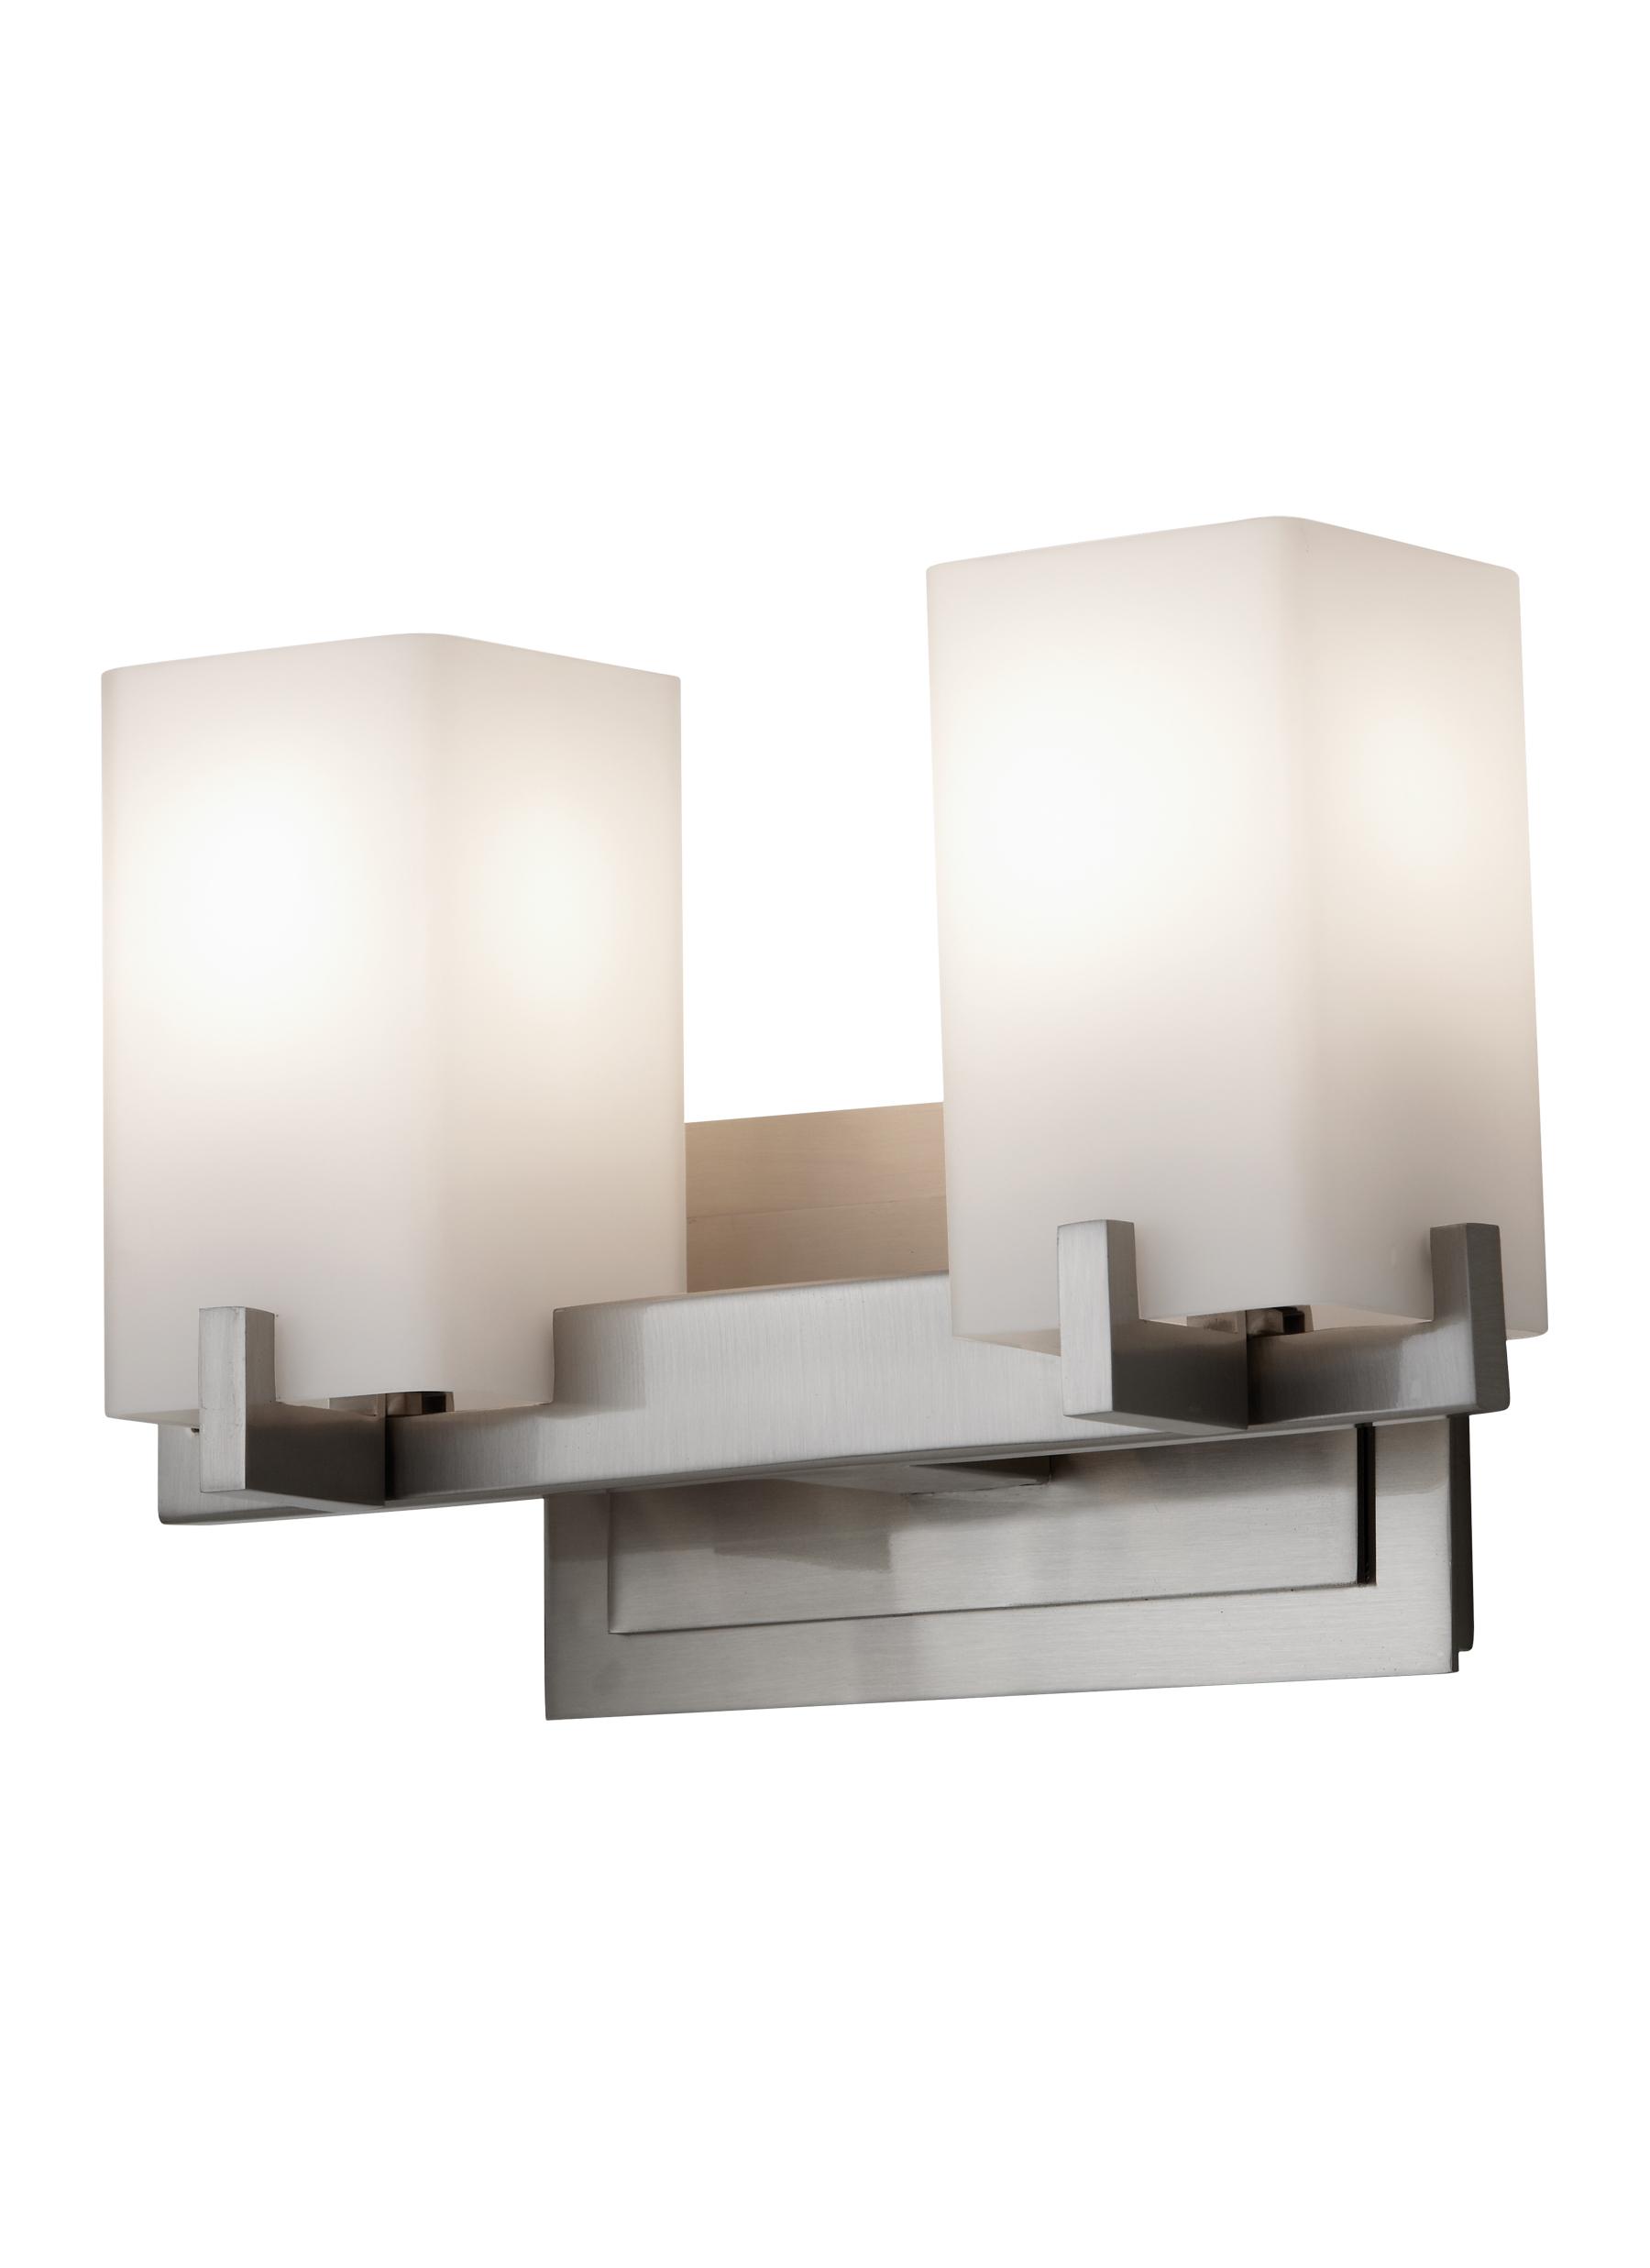 VS18402-BS,2 - Light Vanity Fixture,Brushed Steel